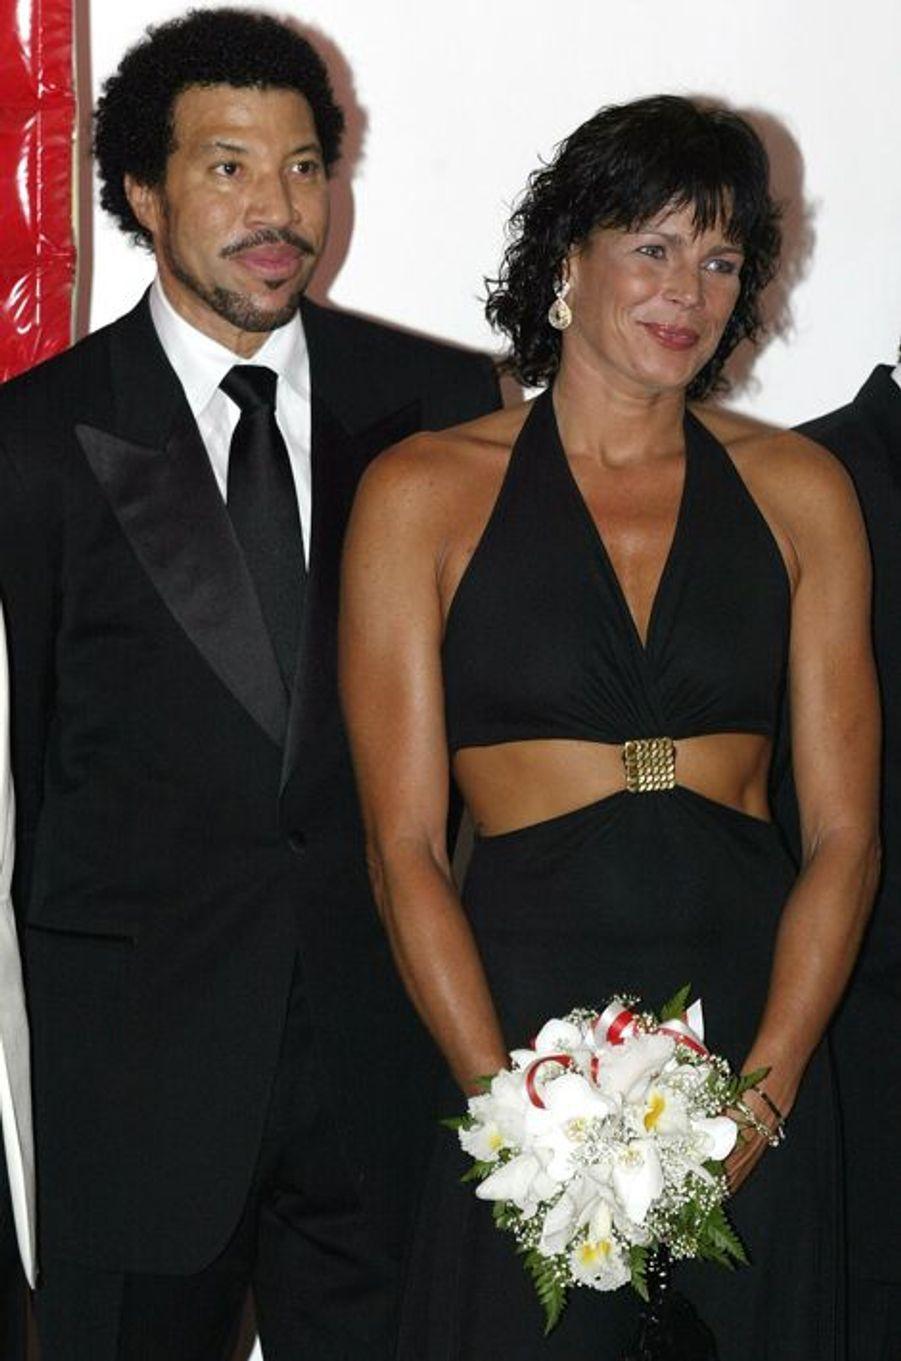 La princesse Stéphanie de Monaco le 6 août 2004